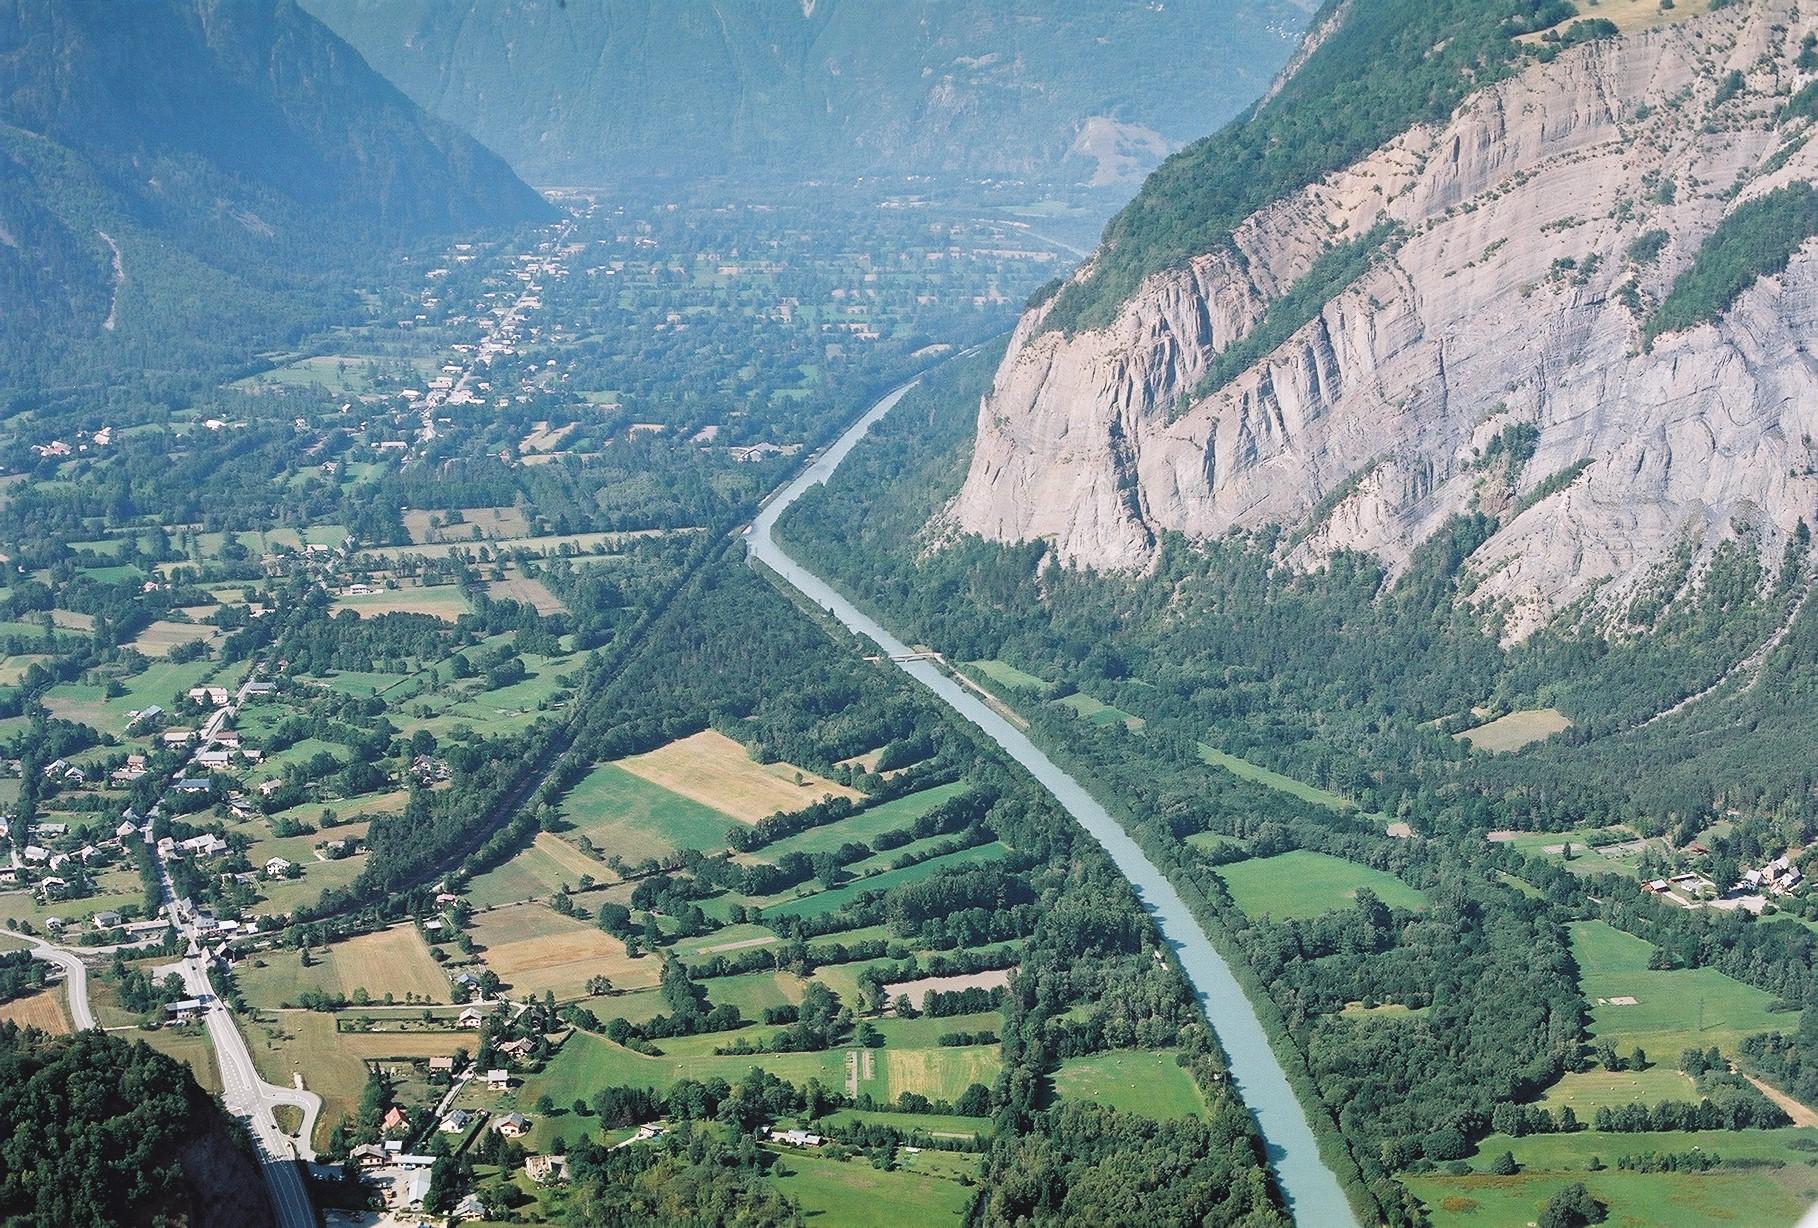 rivière et plaine alluviale